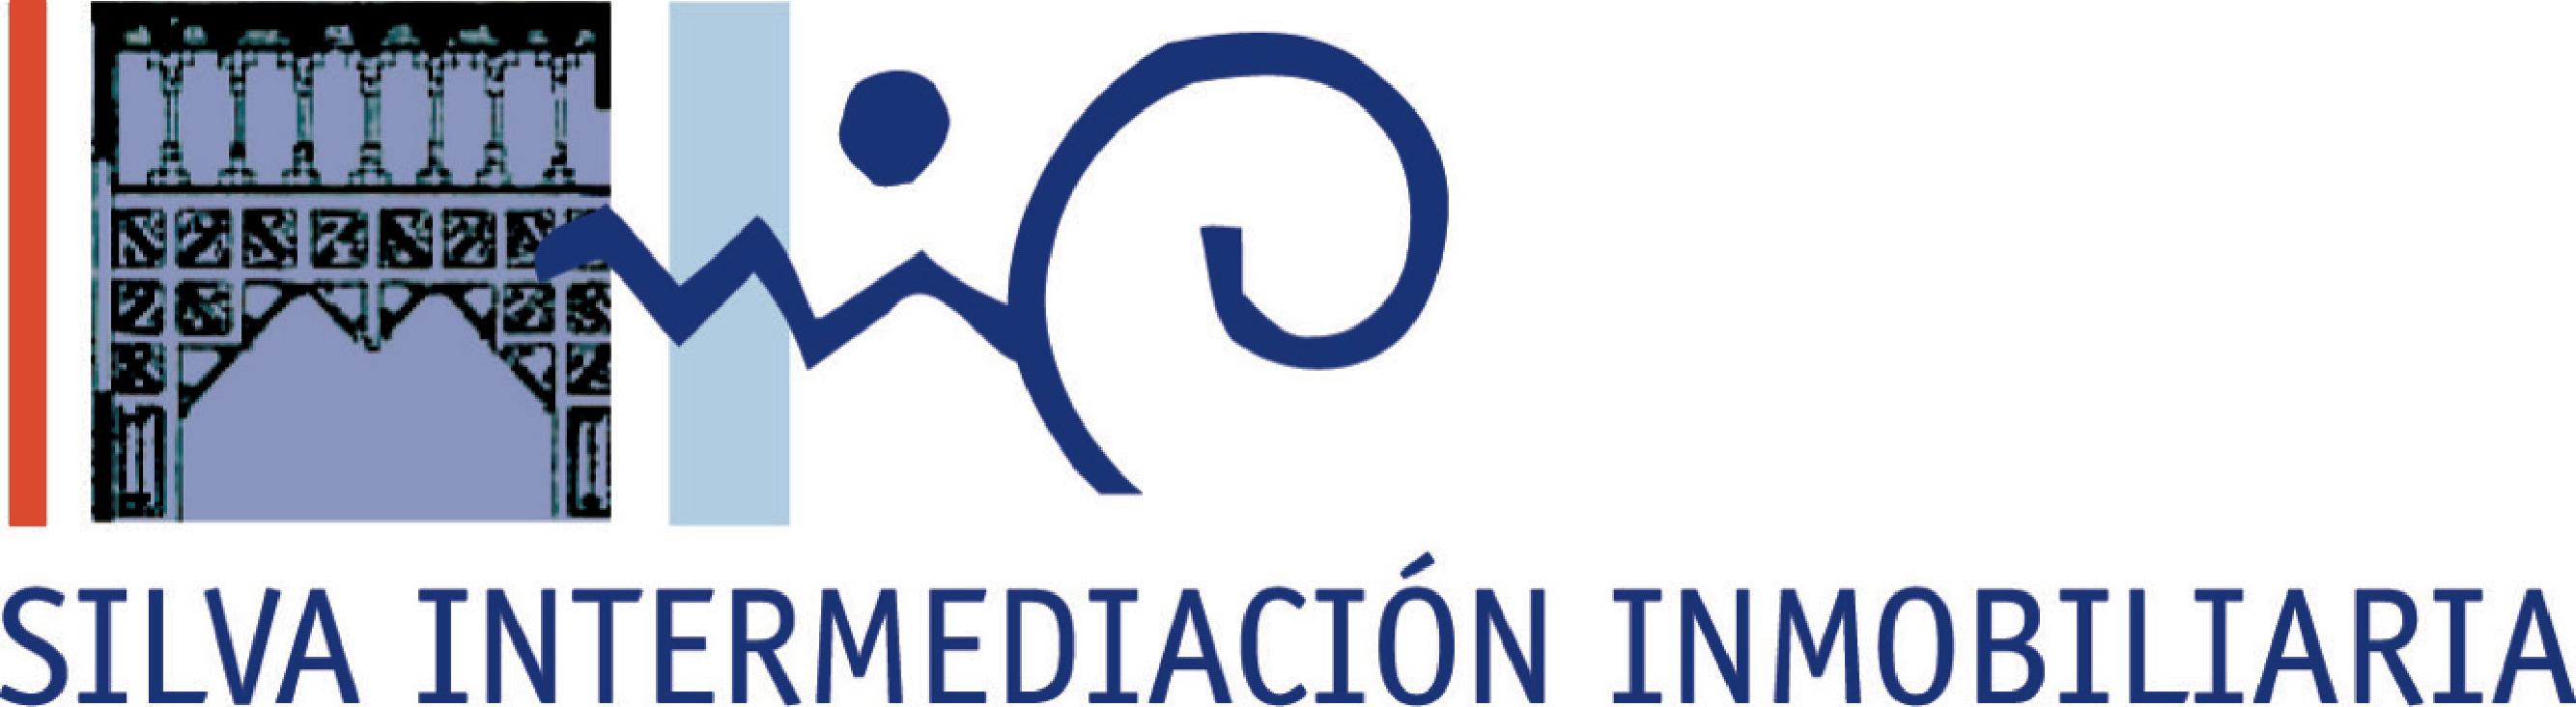 Silva Intermediación inmobiliaria